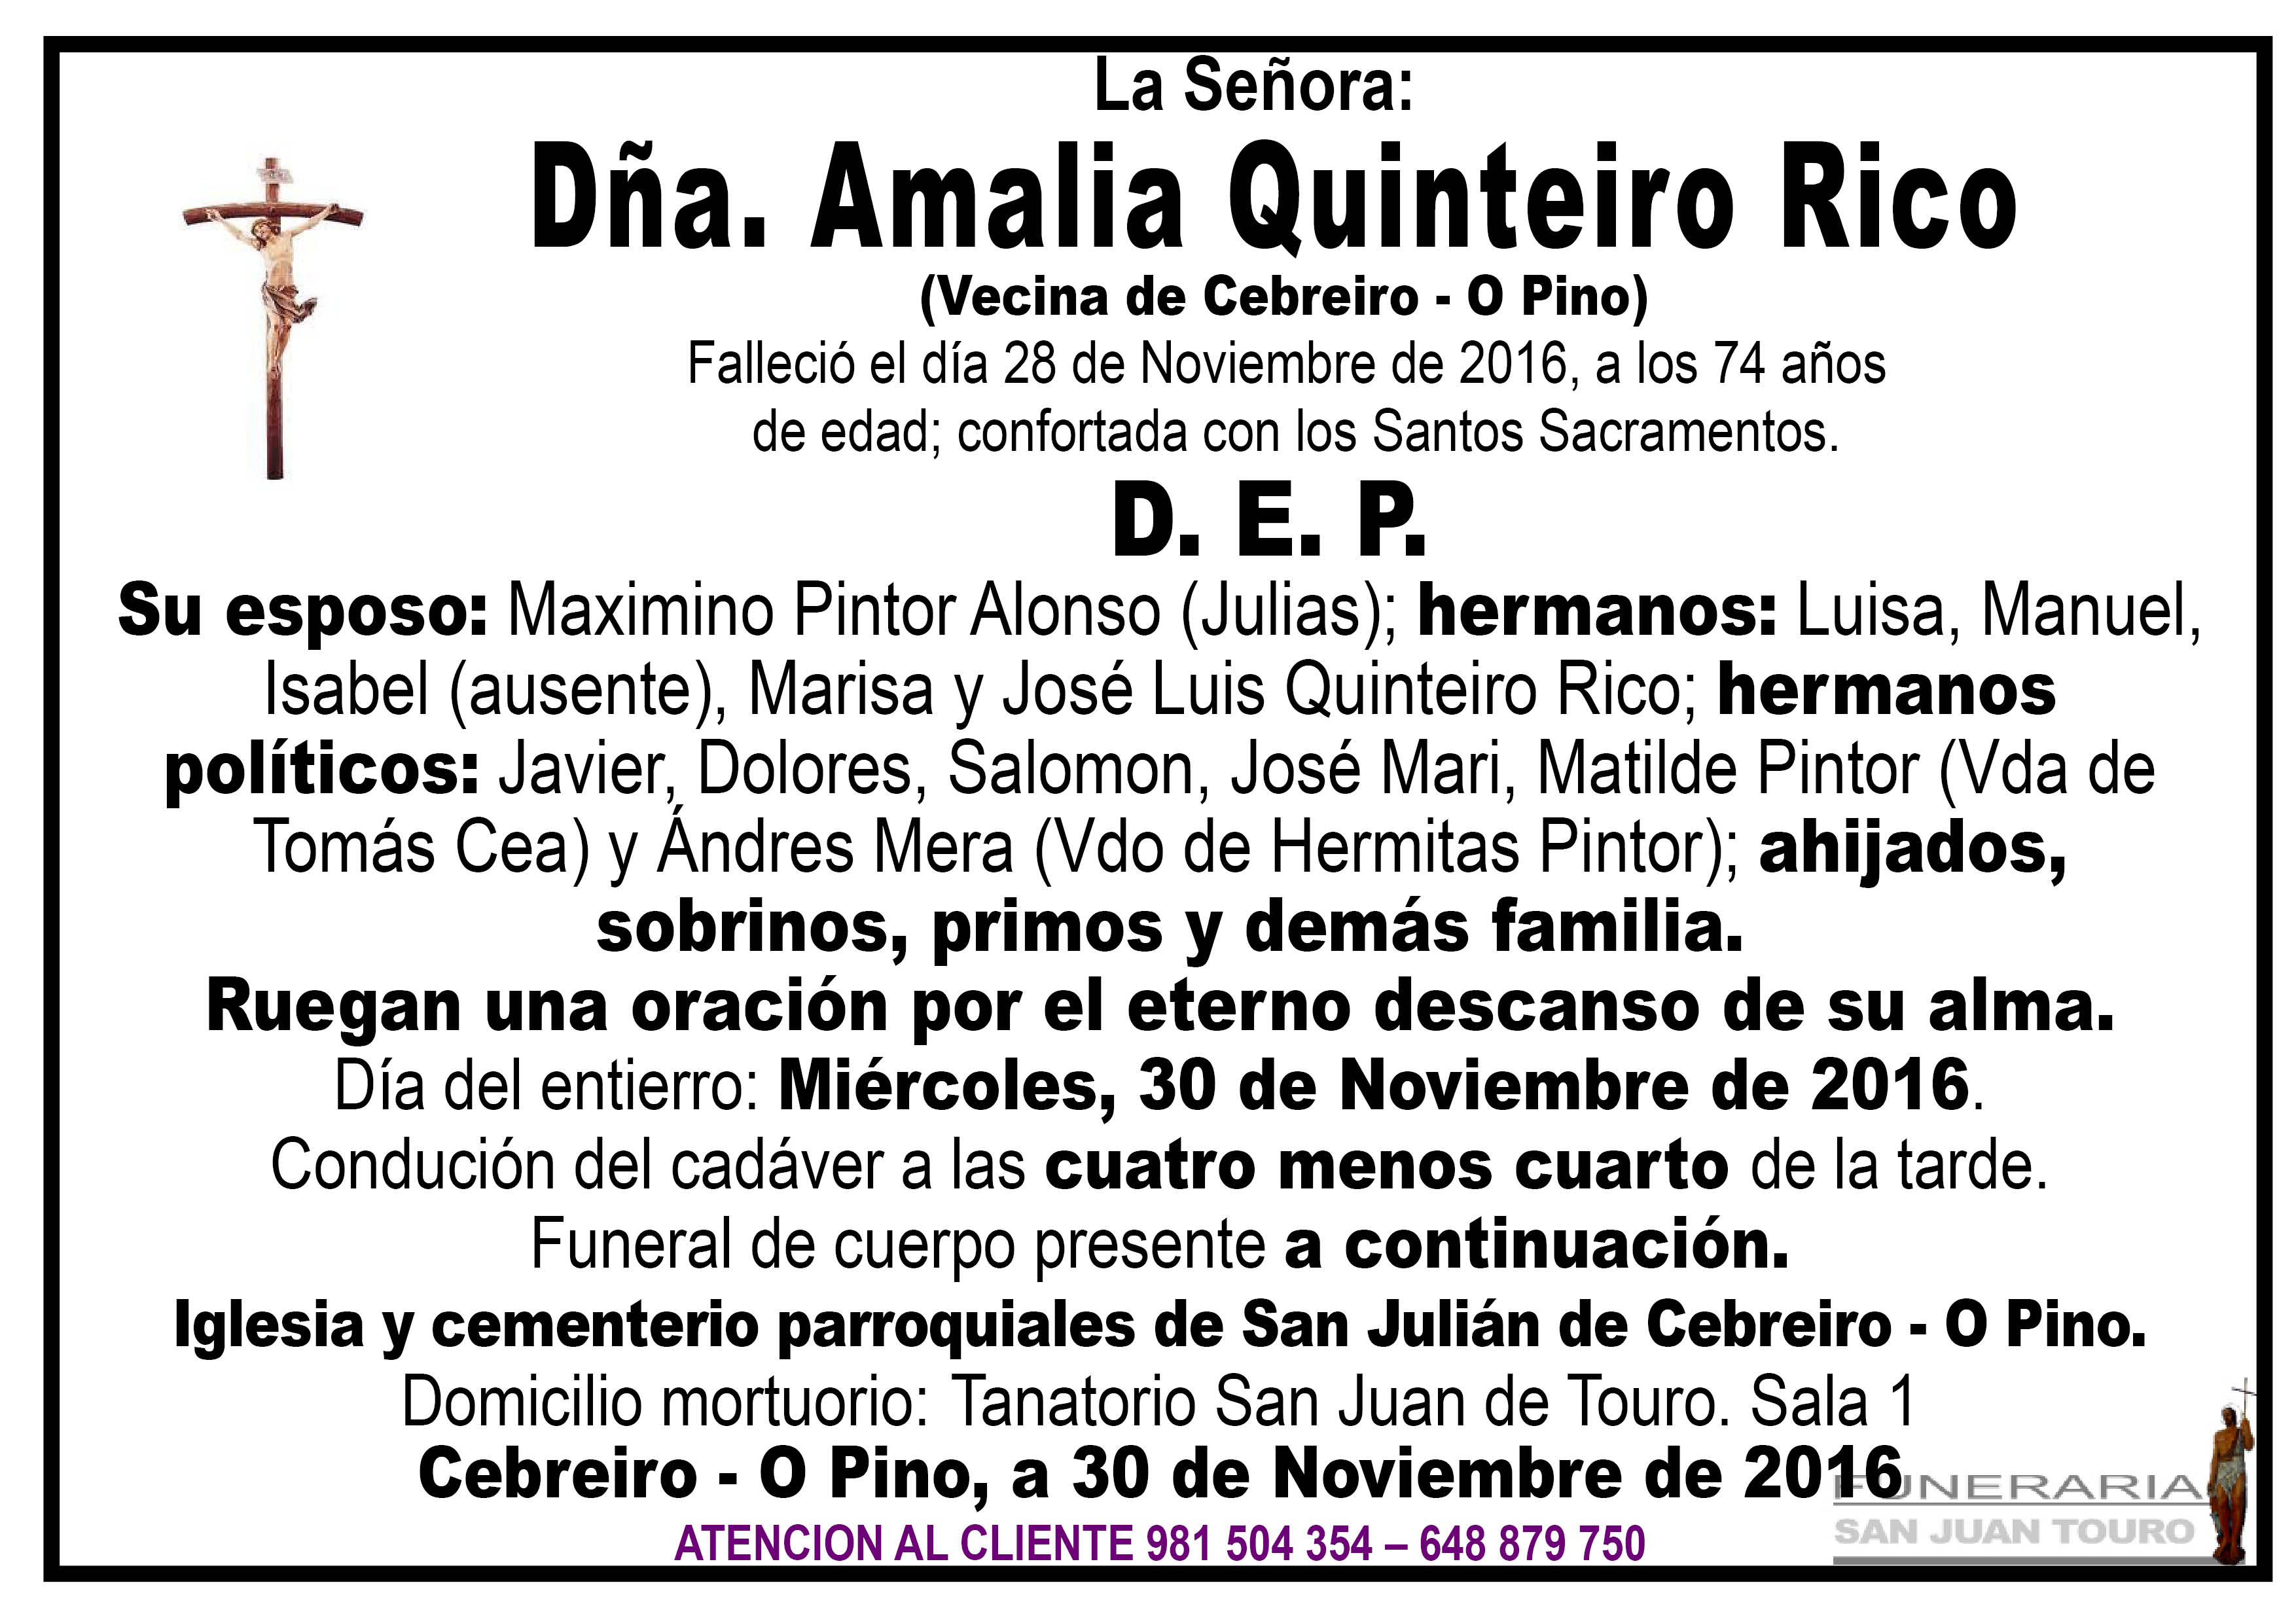 Esquela de SEPELIO DÑA AMALIA QUINTEIRO RICO